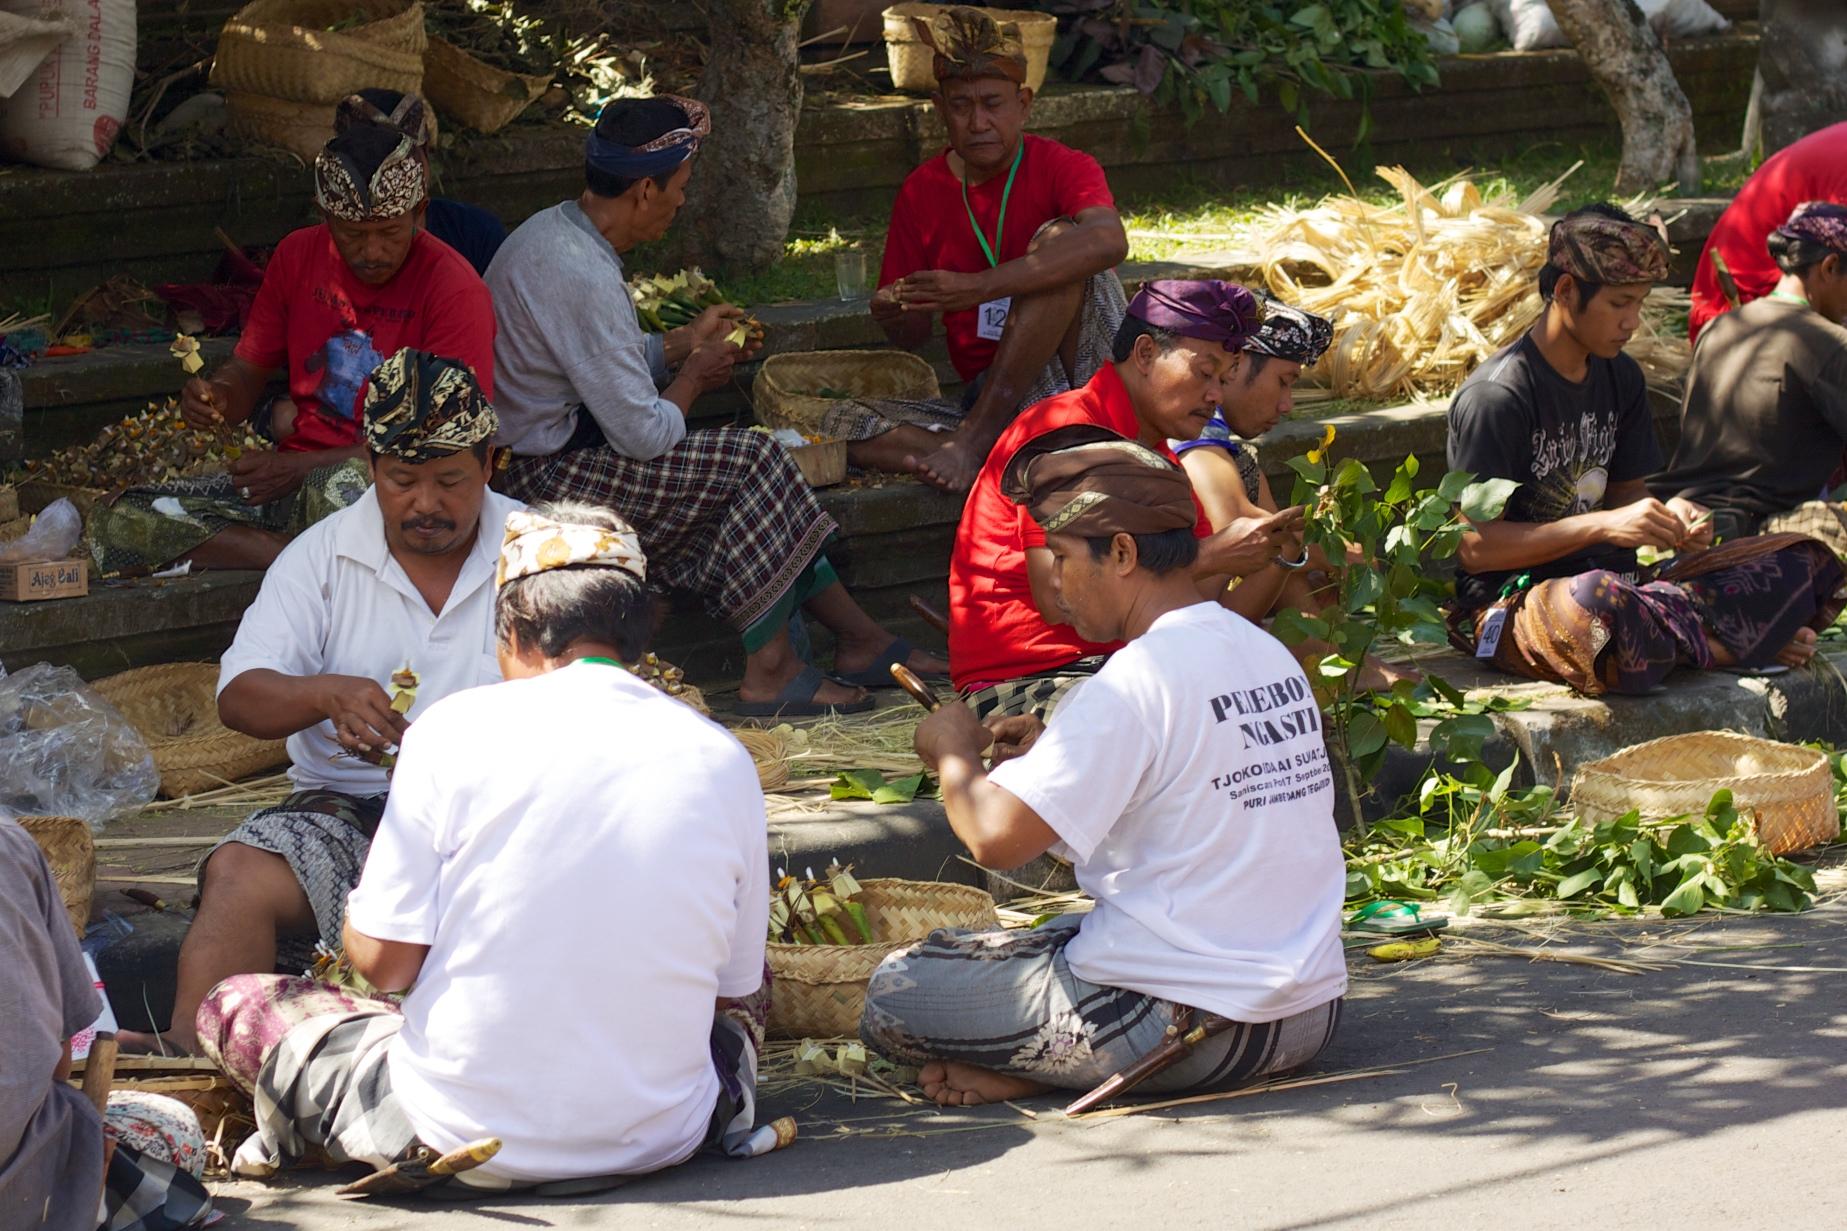 File:Bali 051 - Ubud - making offerings.jpg - Wikimedia ...